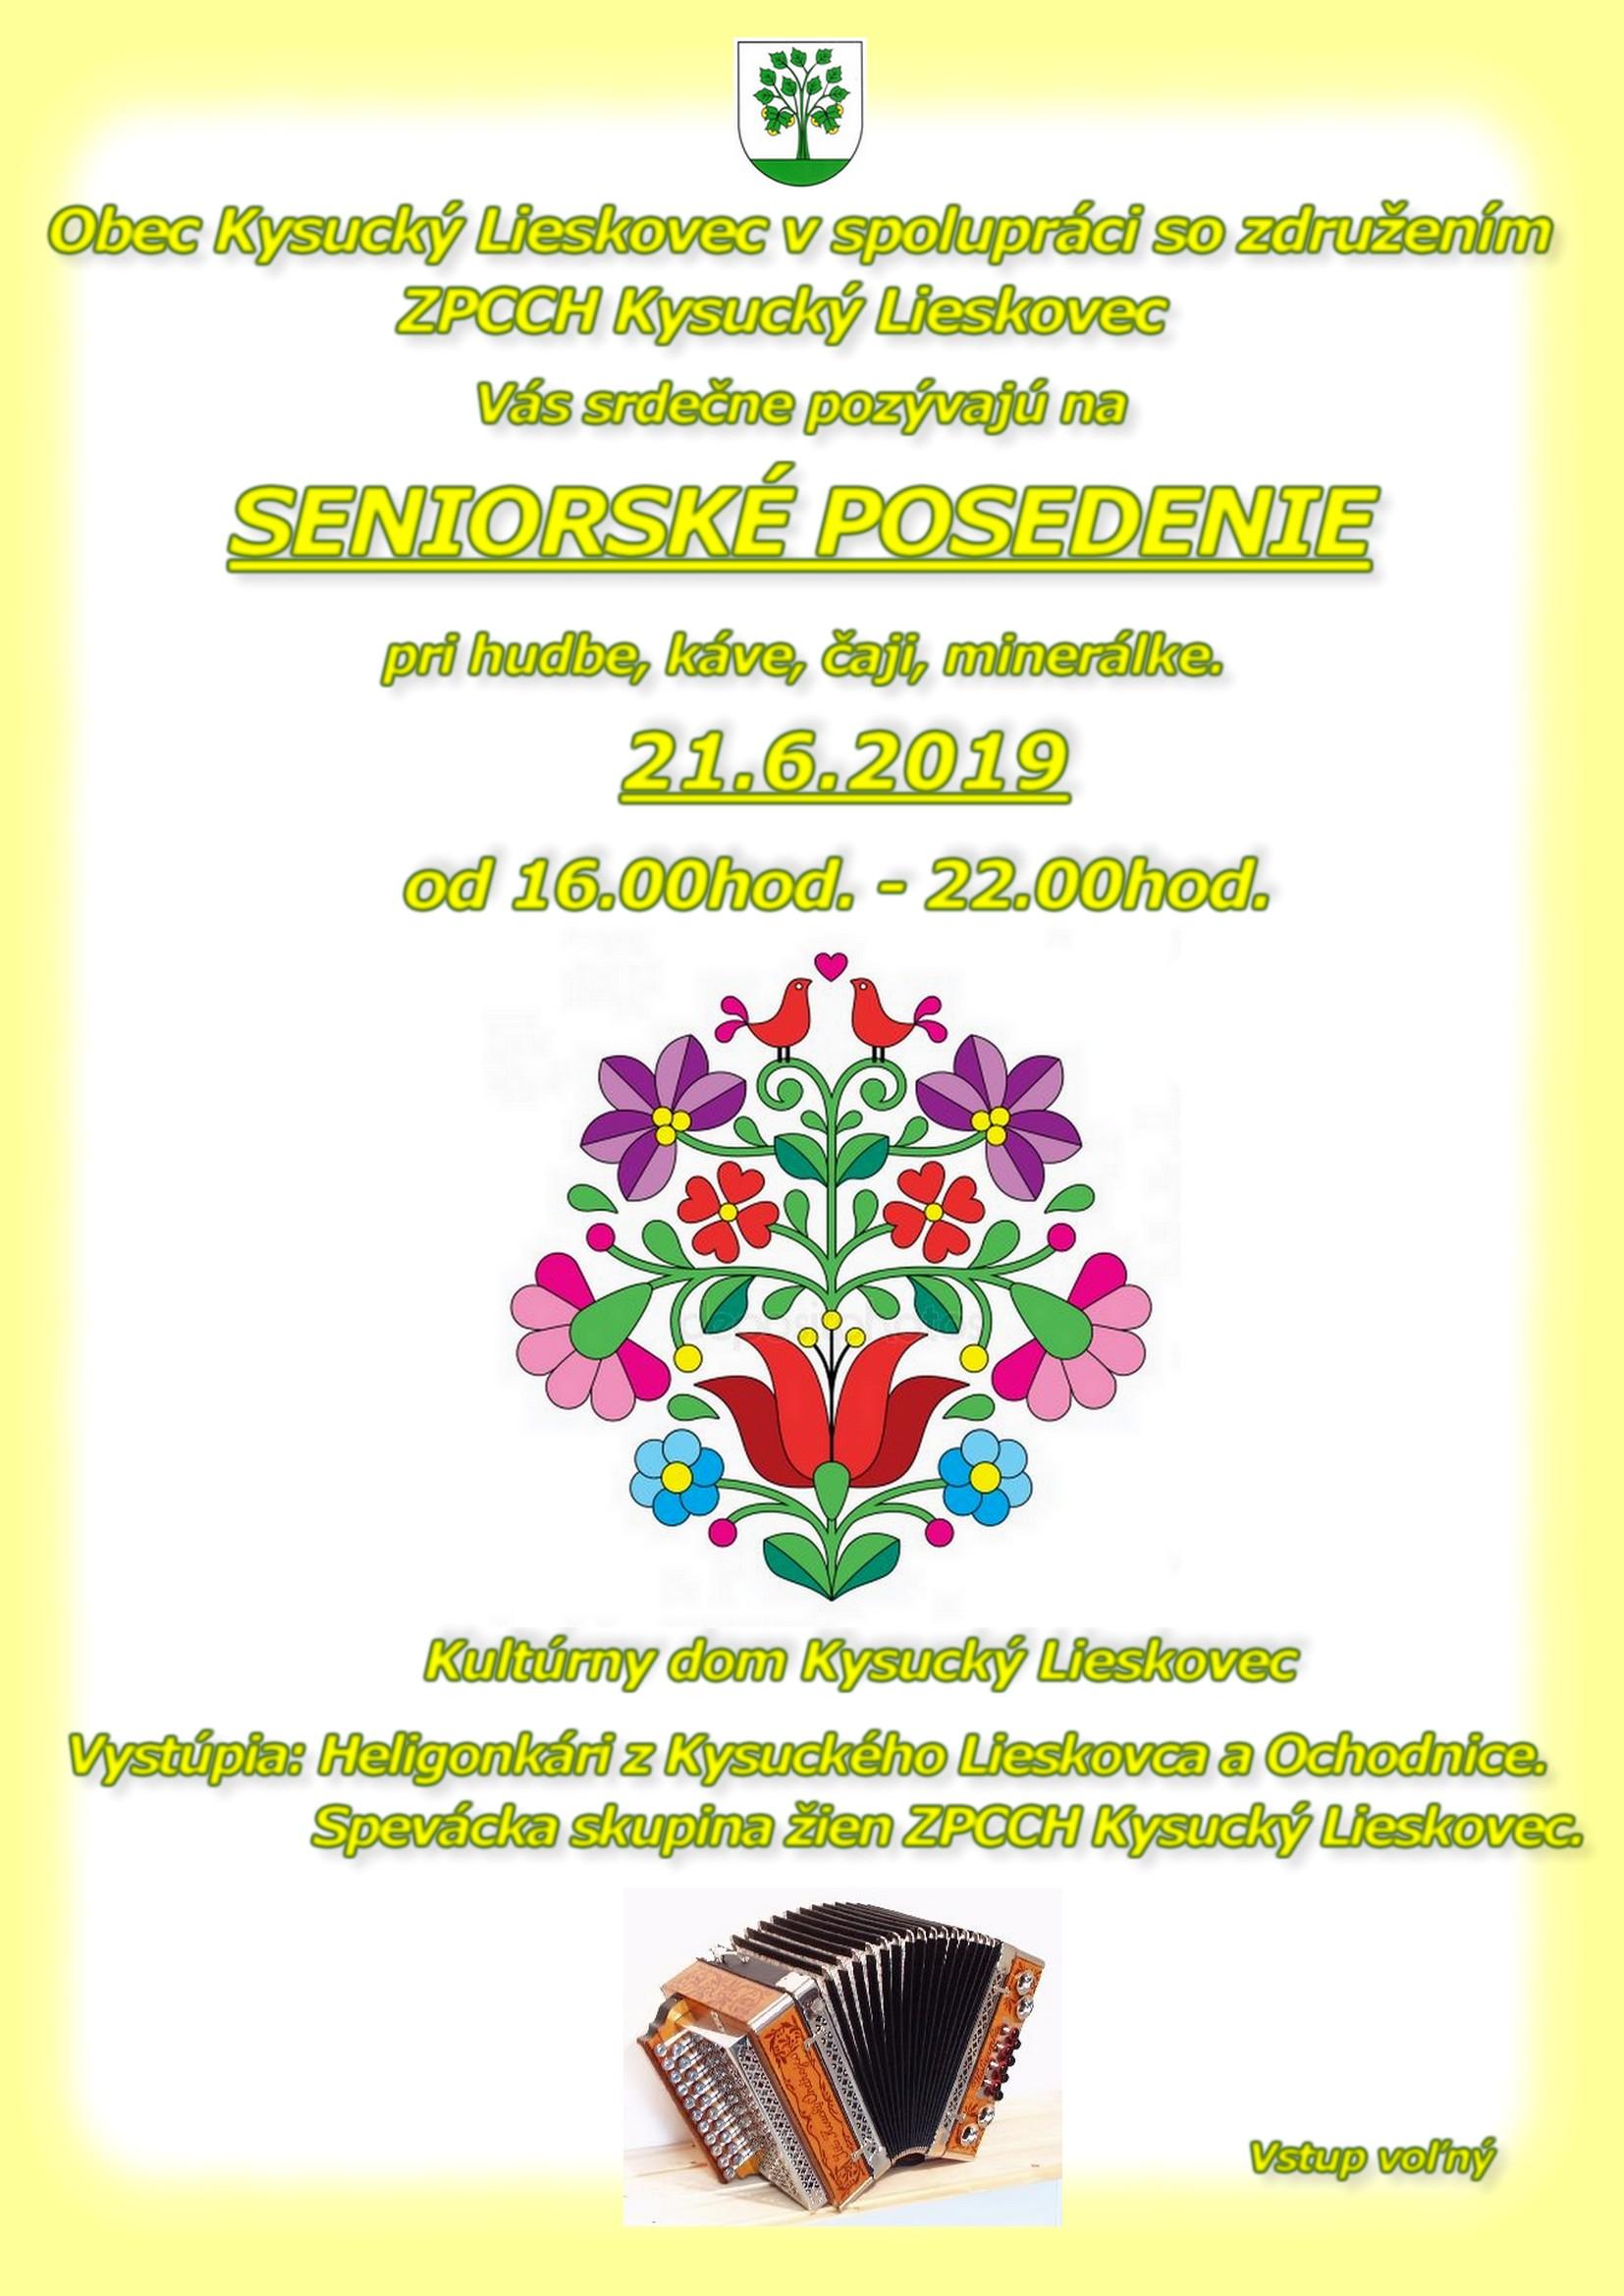 Деревня Кисуцки Лиесковец в сотрудничестве с ассоциацией ZPCCH Кисуцки Лиесковец приглашает Вас на СТАРШУЮ АССАМБЛЕЮ 21.6.2019 с 16:00 - 22:00.